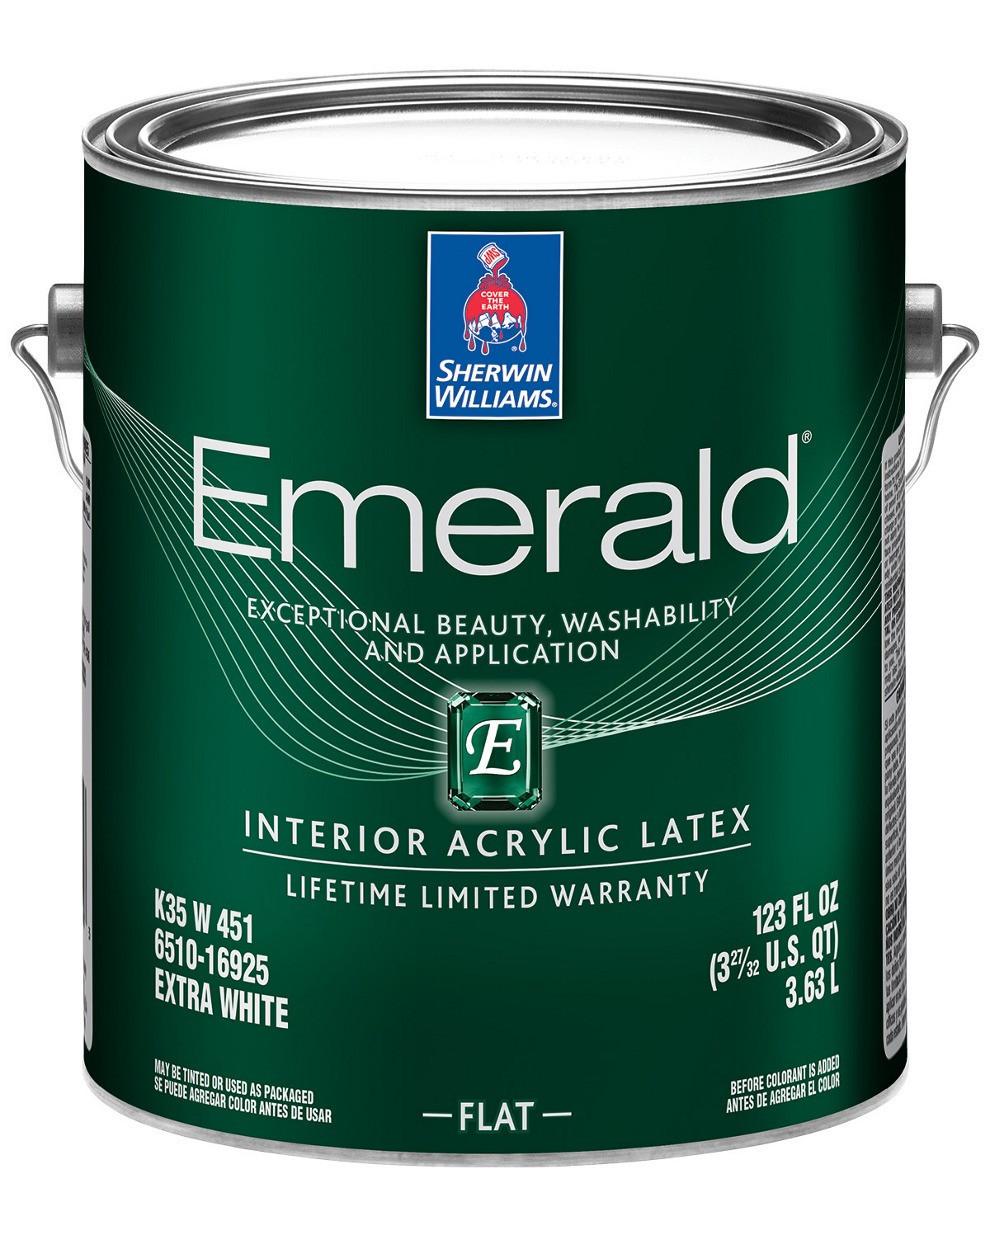 КРАСКА EMERALD INTERIOR SATIN (Изумруд) Interior Acryllic Latex (Extra White) Sherwin Williams